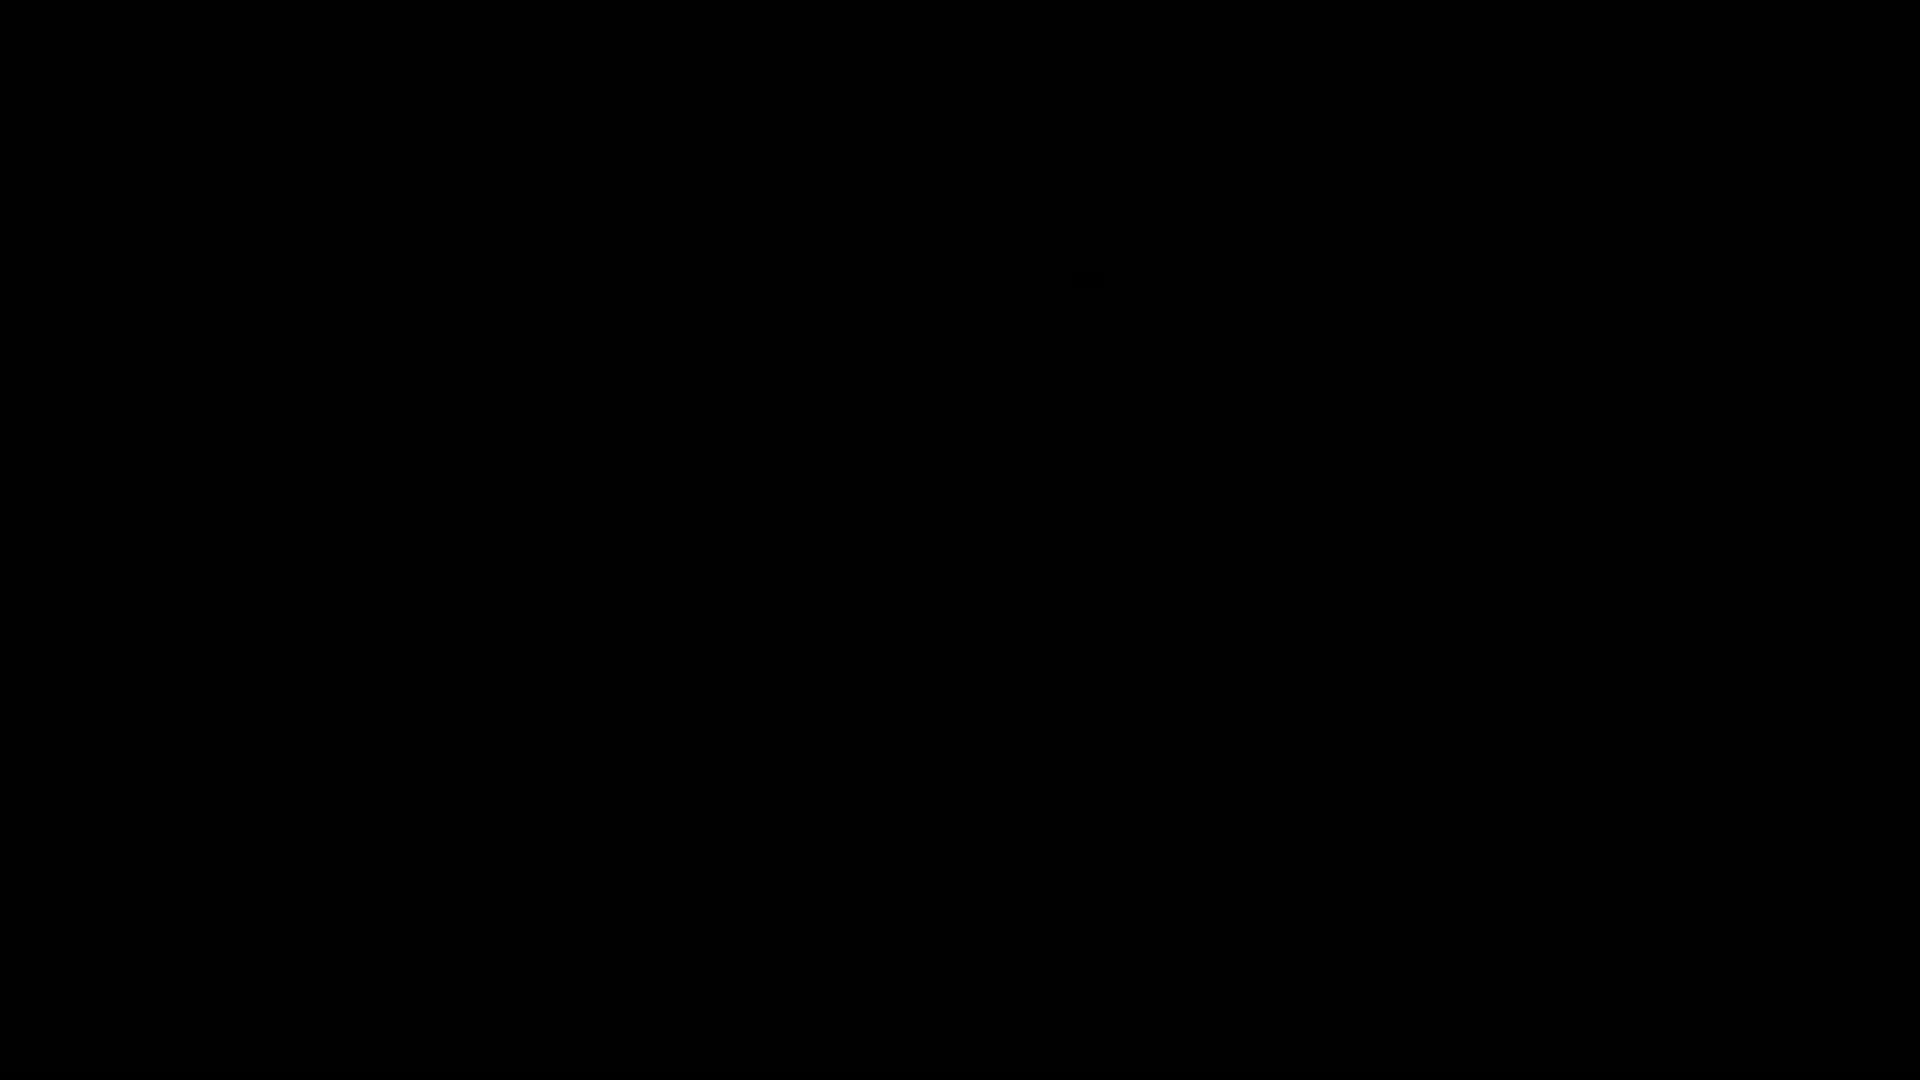 ロリっ娘の濡れたブルマ~変態コスプレ教室~ - 伊澄知世【挿入 立ちバック 背面座位 騎乗後背位 正常位 中出し】